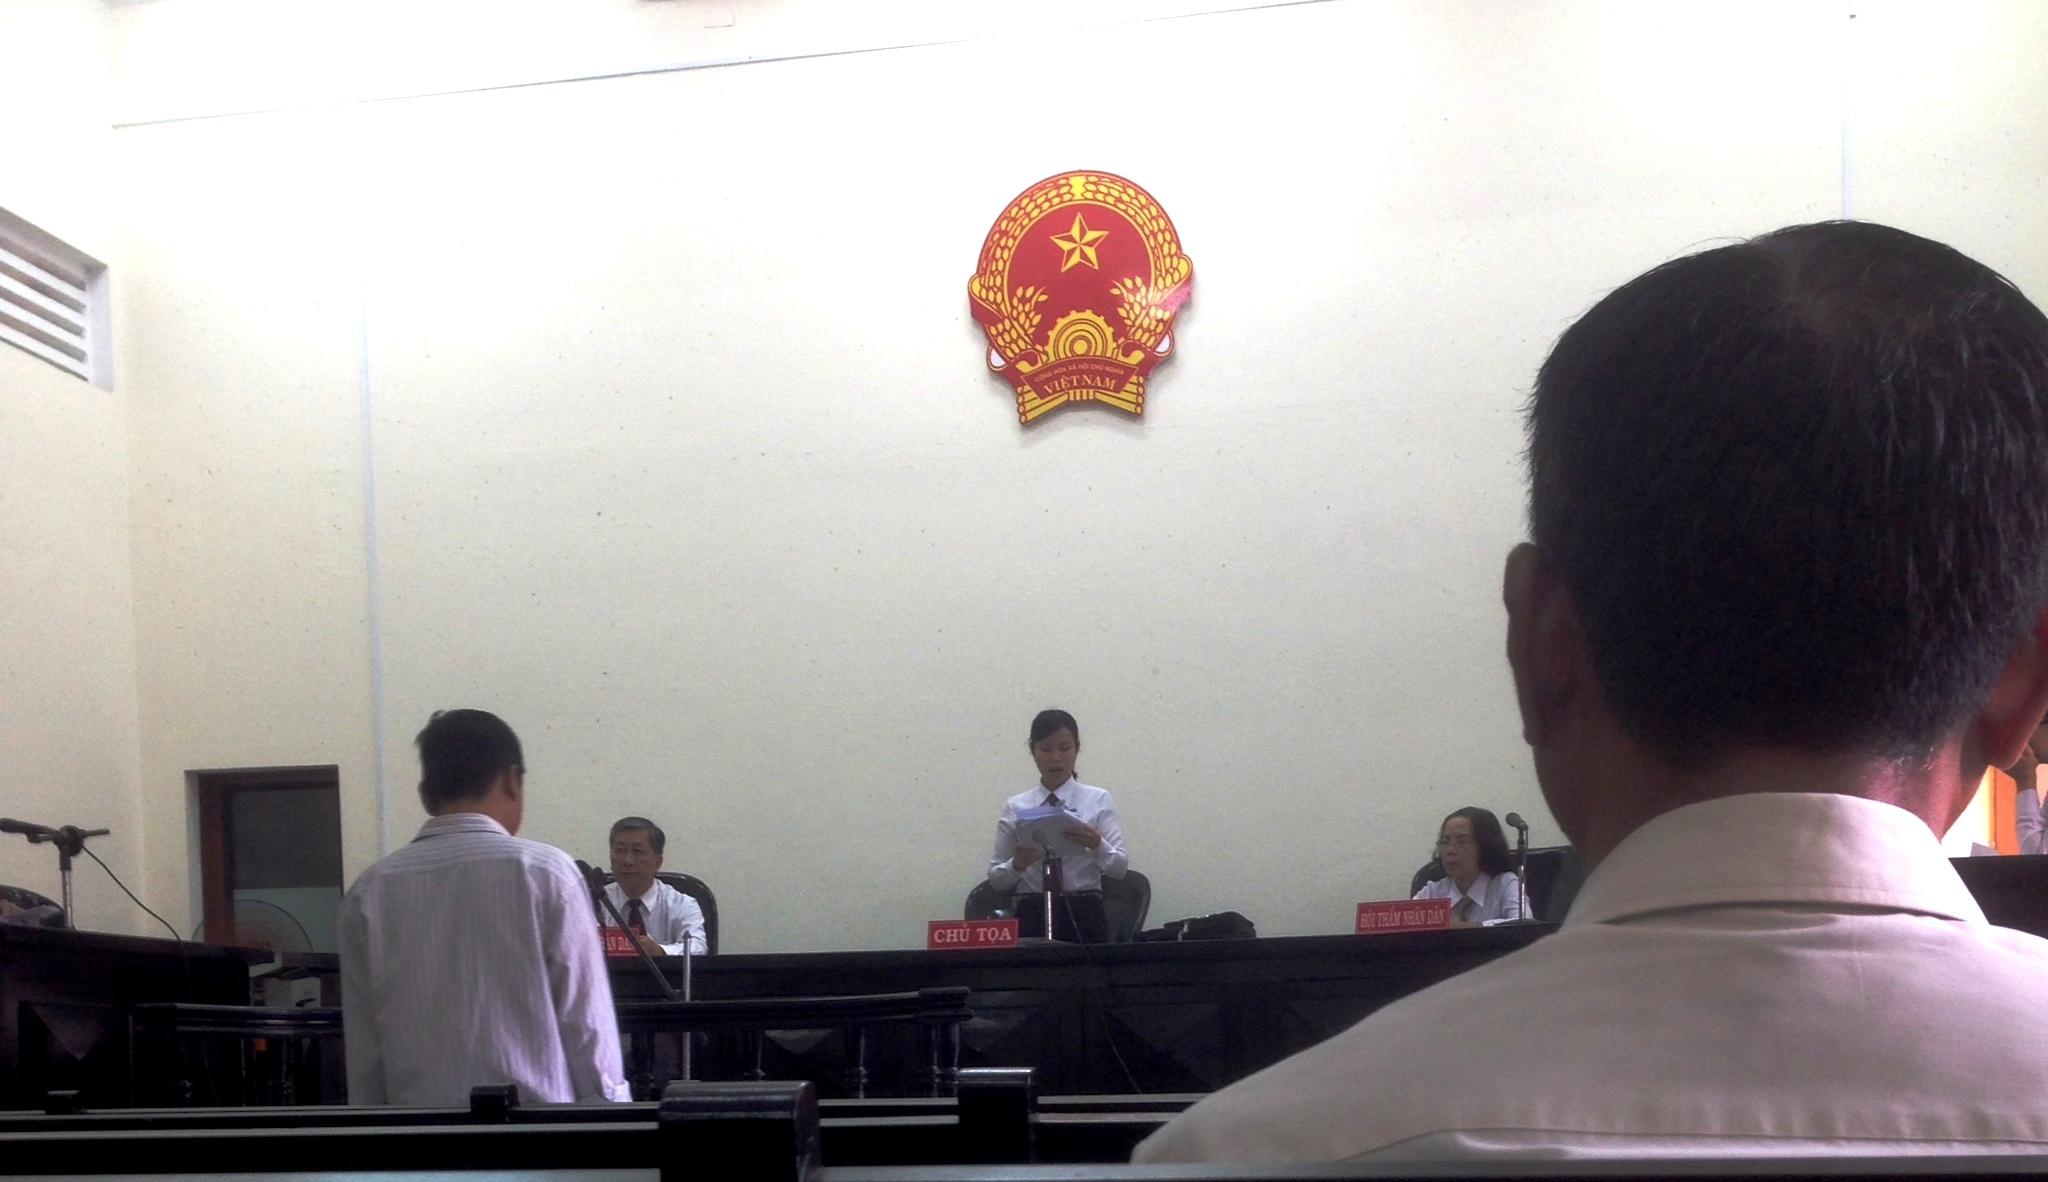 Phiên tòa xử Trung tá điều tra viên công an tỉnh Tiền Giang